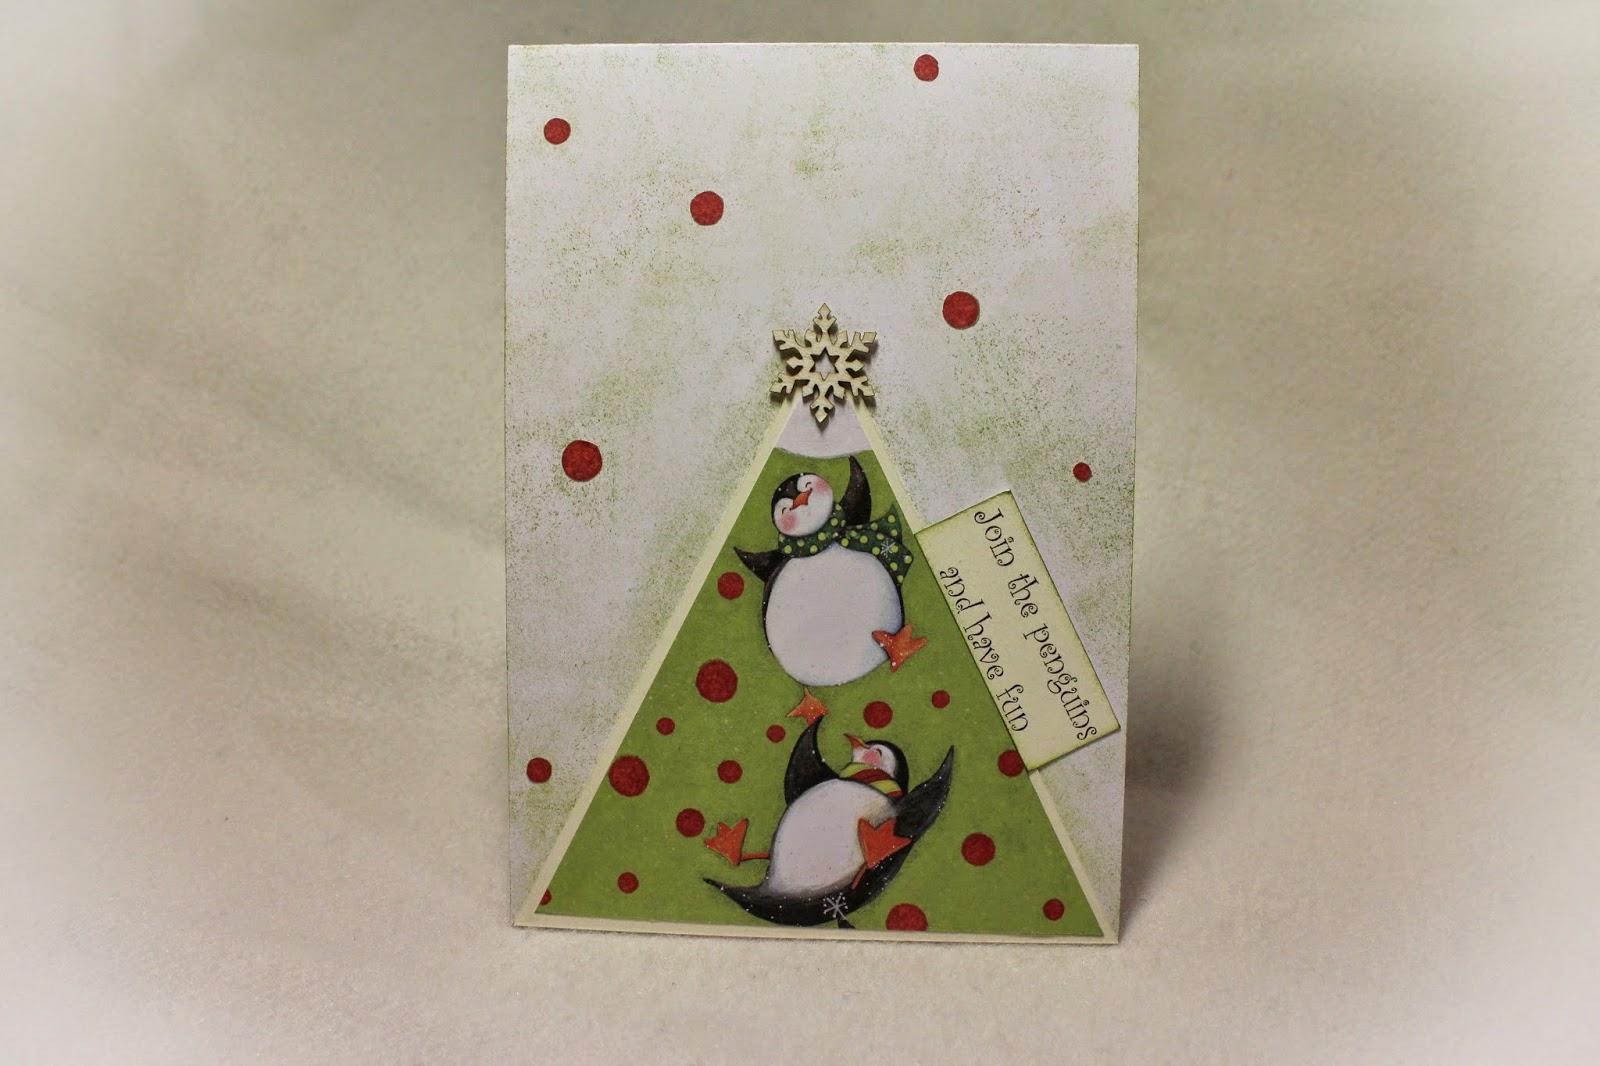 New Year penguins scrapbooking card funny Christmas snow снежинка скрапбукинг пингвин Новый год открытка hamster-sensey